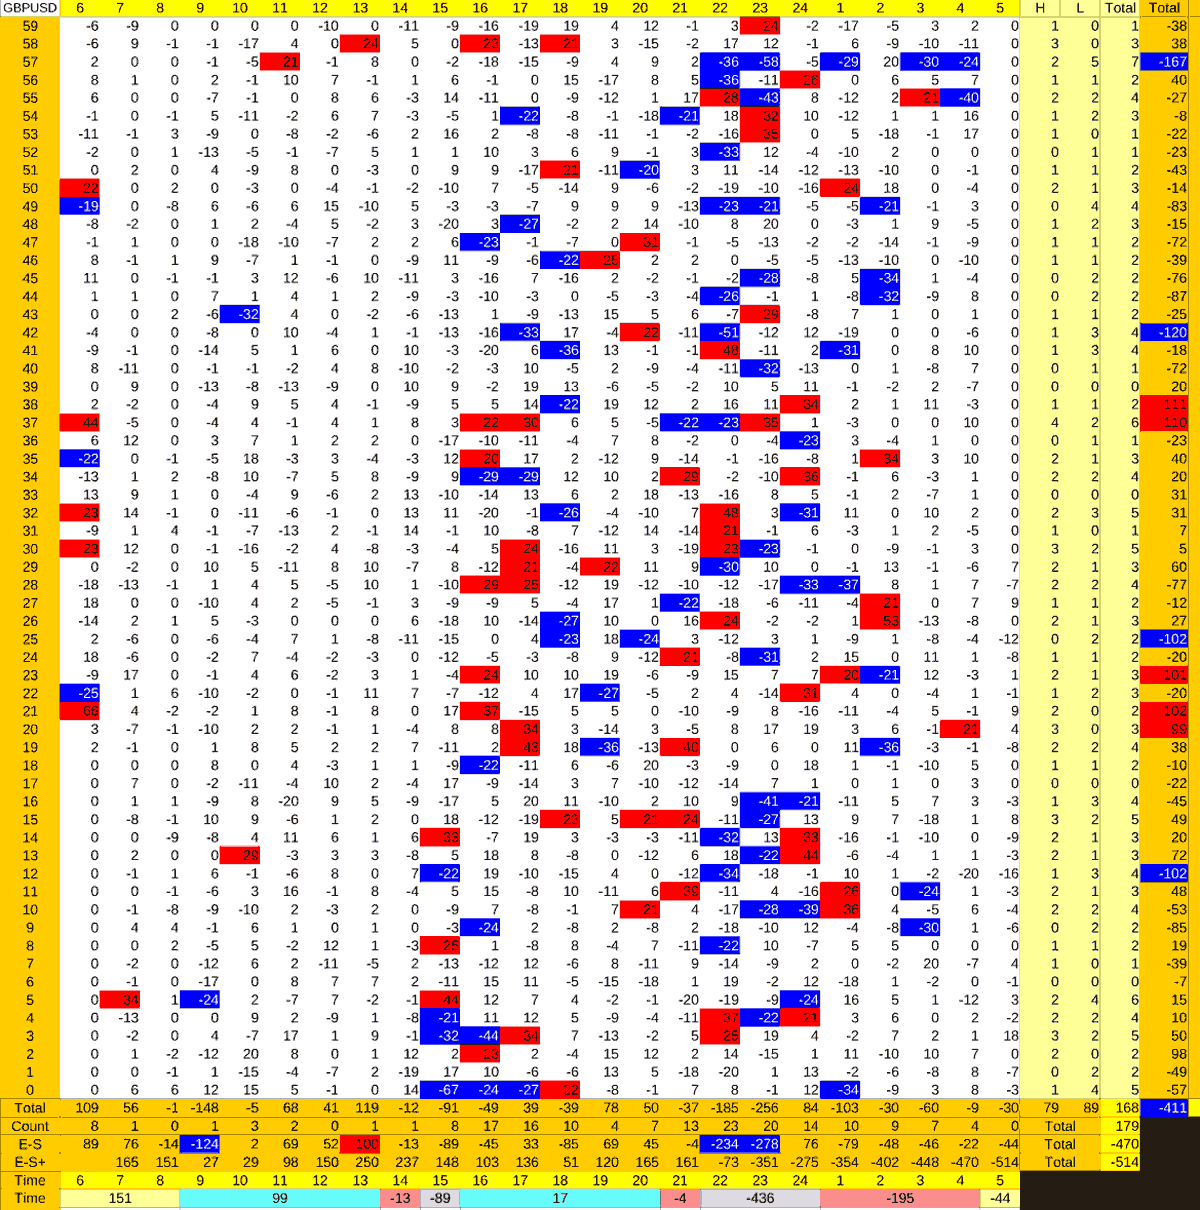 20210917_HS(2)GBPUSD-min